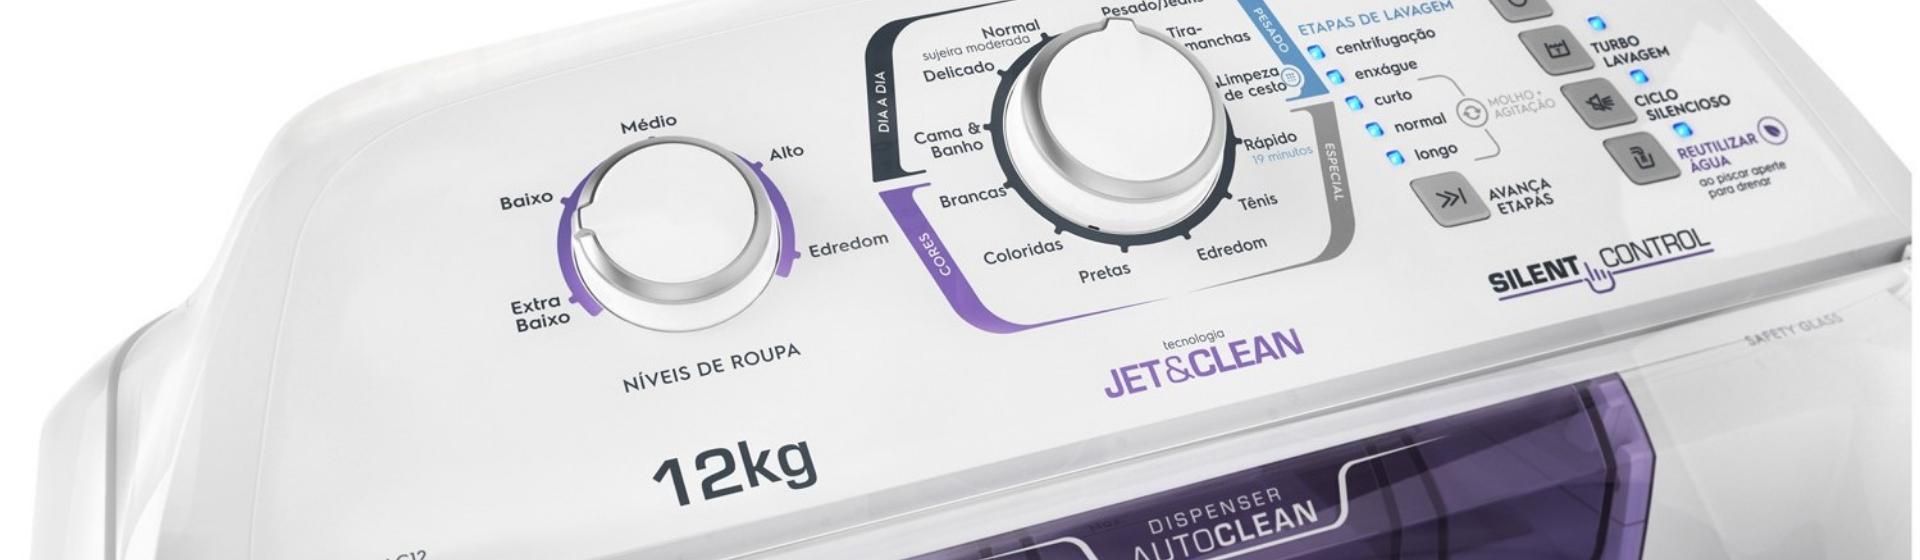 Electrolux LAC12: essa máquina de lavar roupa 12kg vale a pena? Confira a análise de ficha técnica